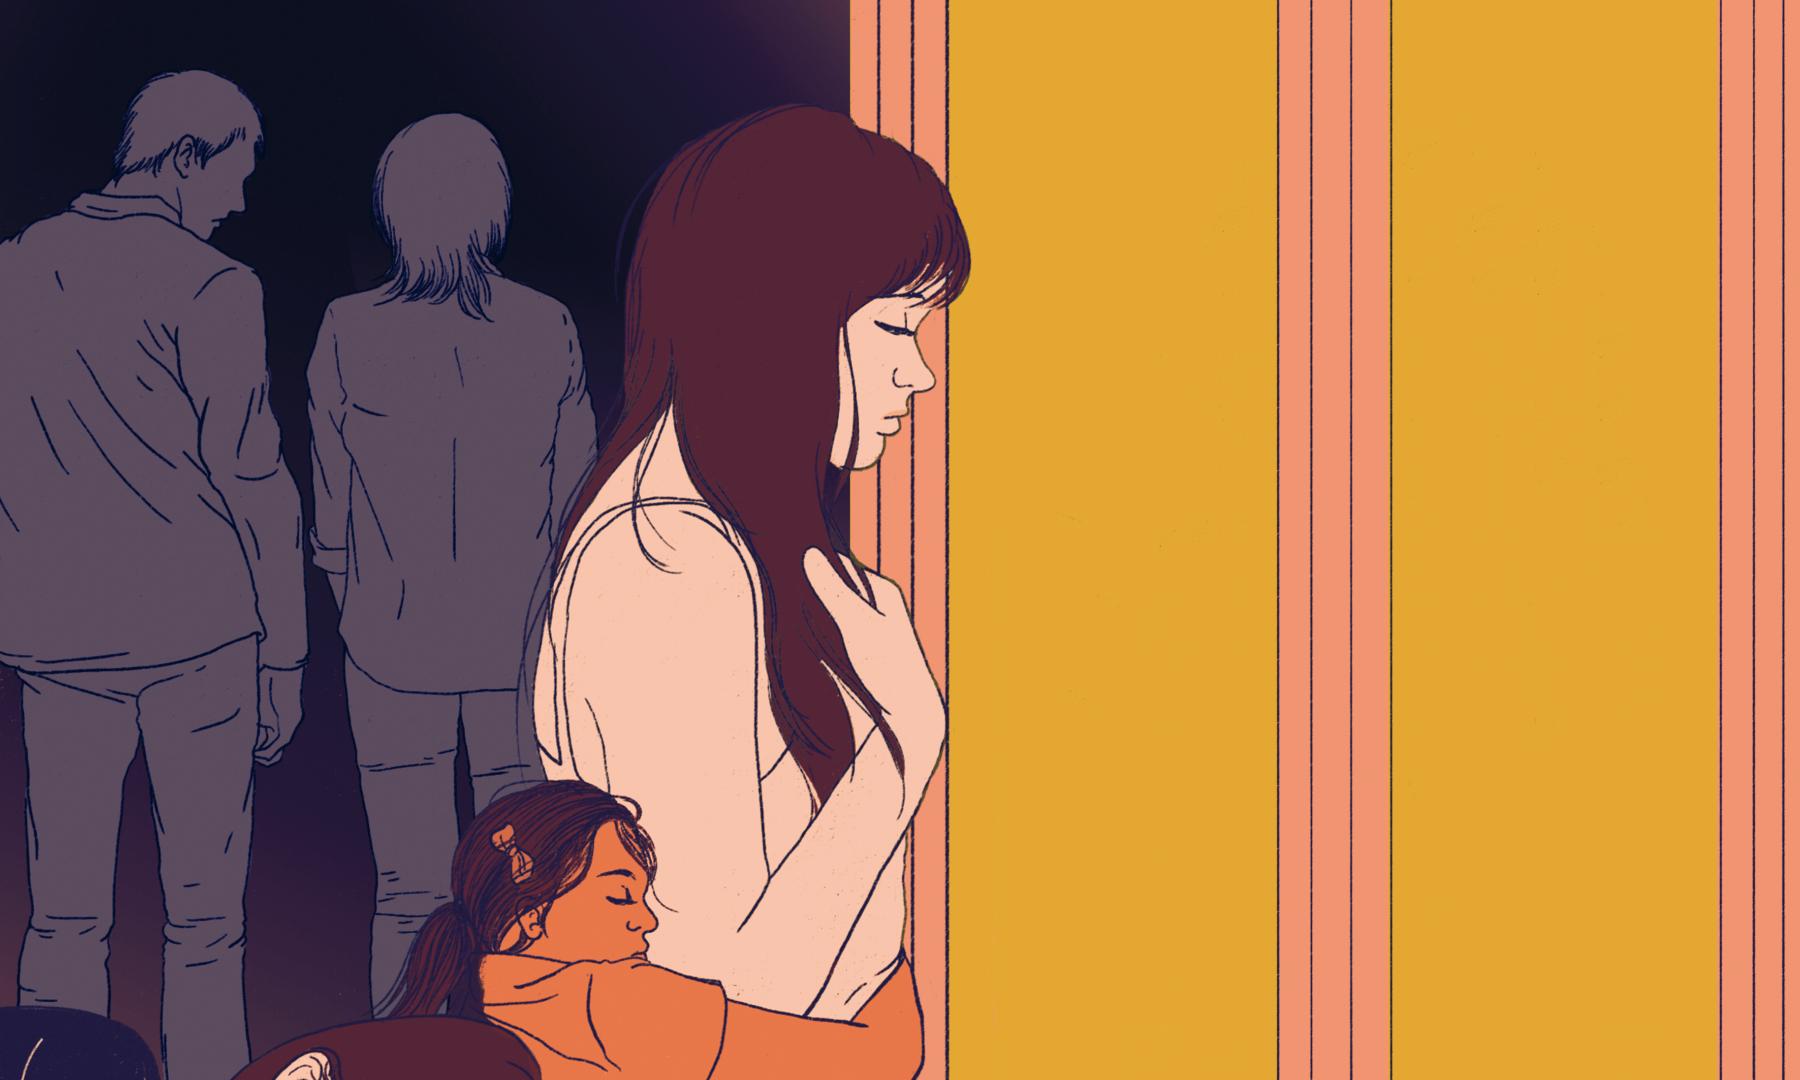 Jeune fille devant une fenêtre et des adultes